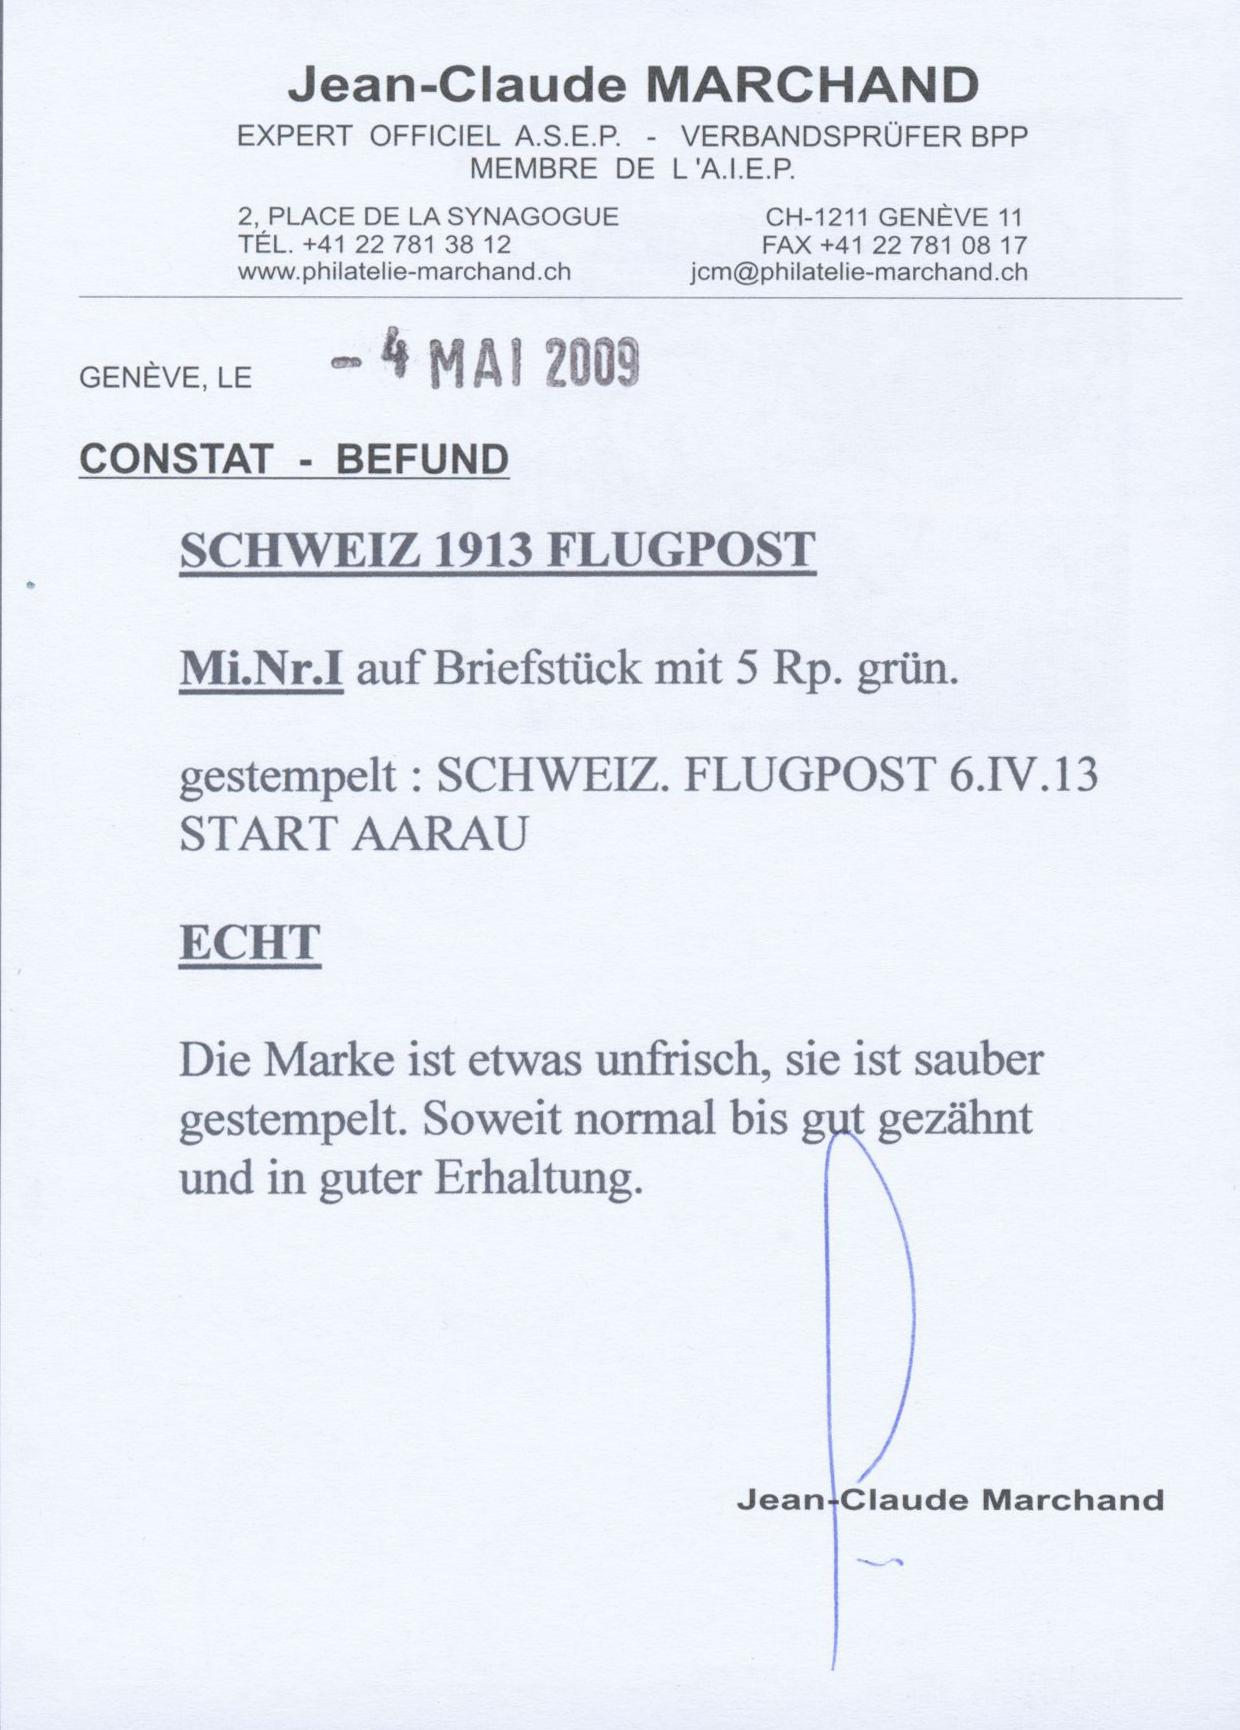 Lot 18970 - Schweiz - Halbamtliche Flugmarken  -  Auktionshaus Christoph Gärtner GmbH & Co. KG Single lots Philately Overseas & Europe. Auction #39 Day 4